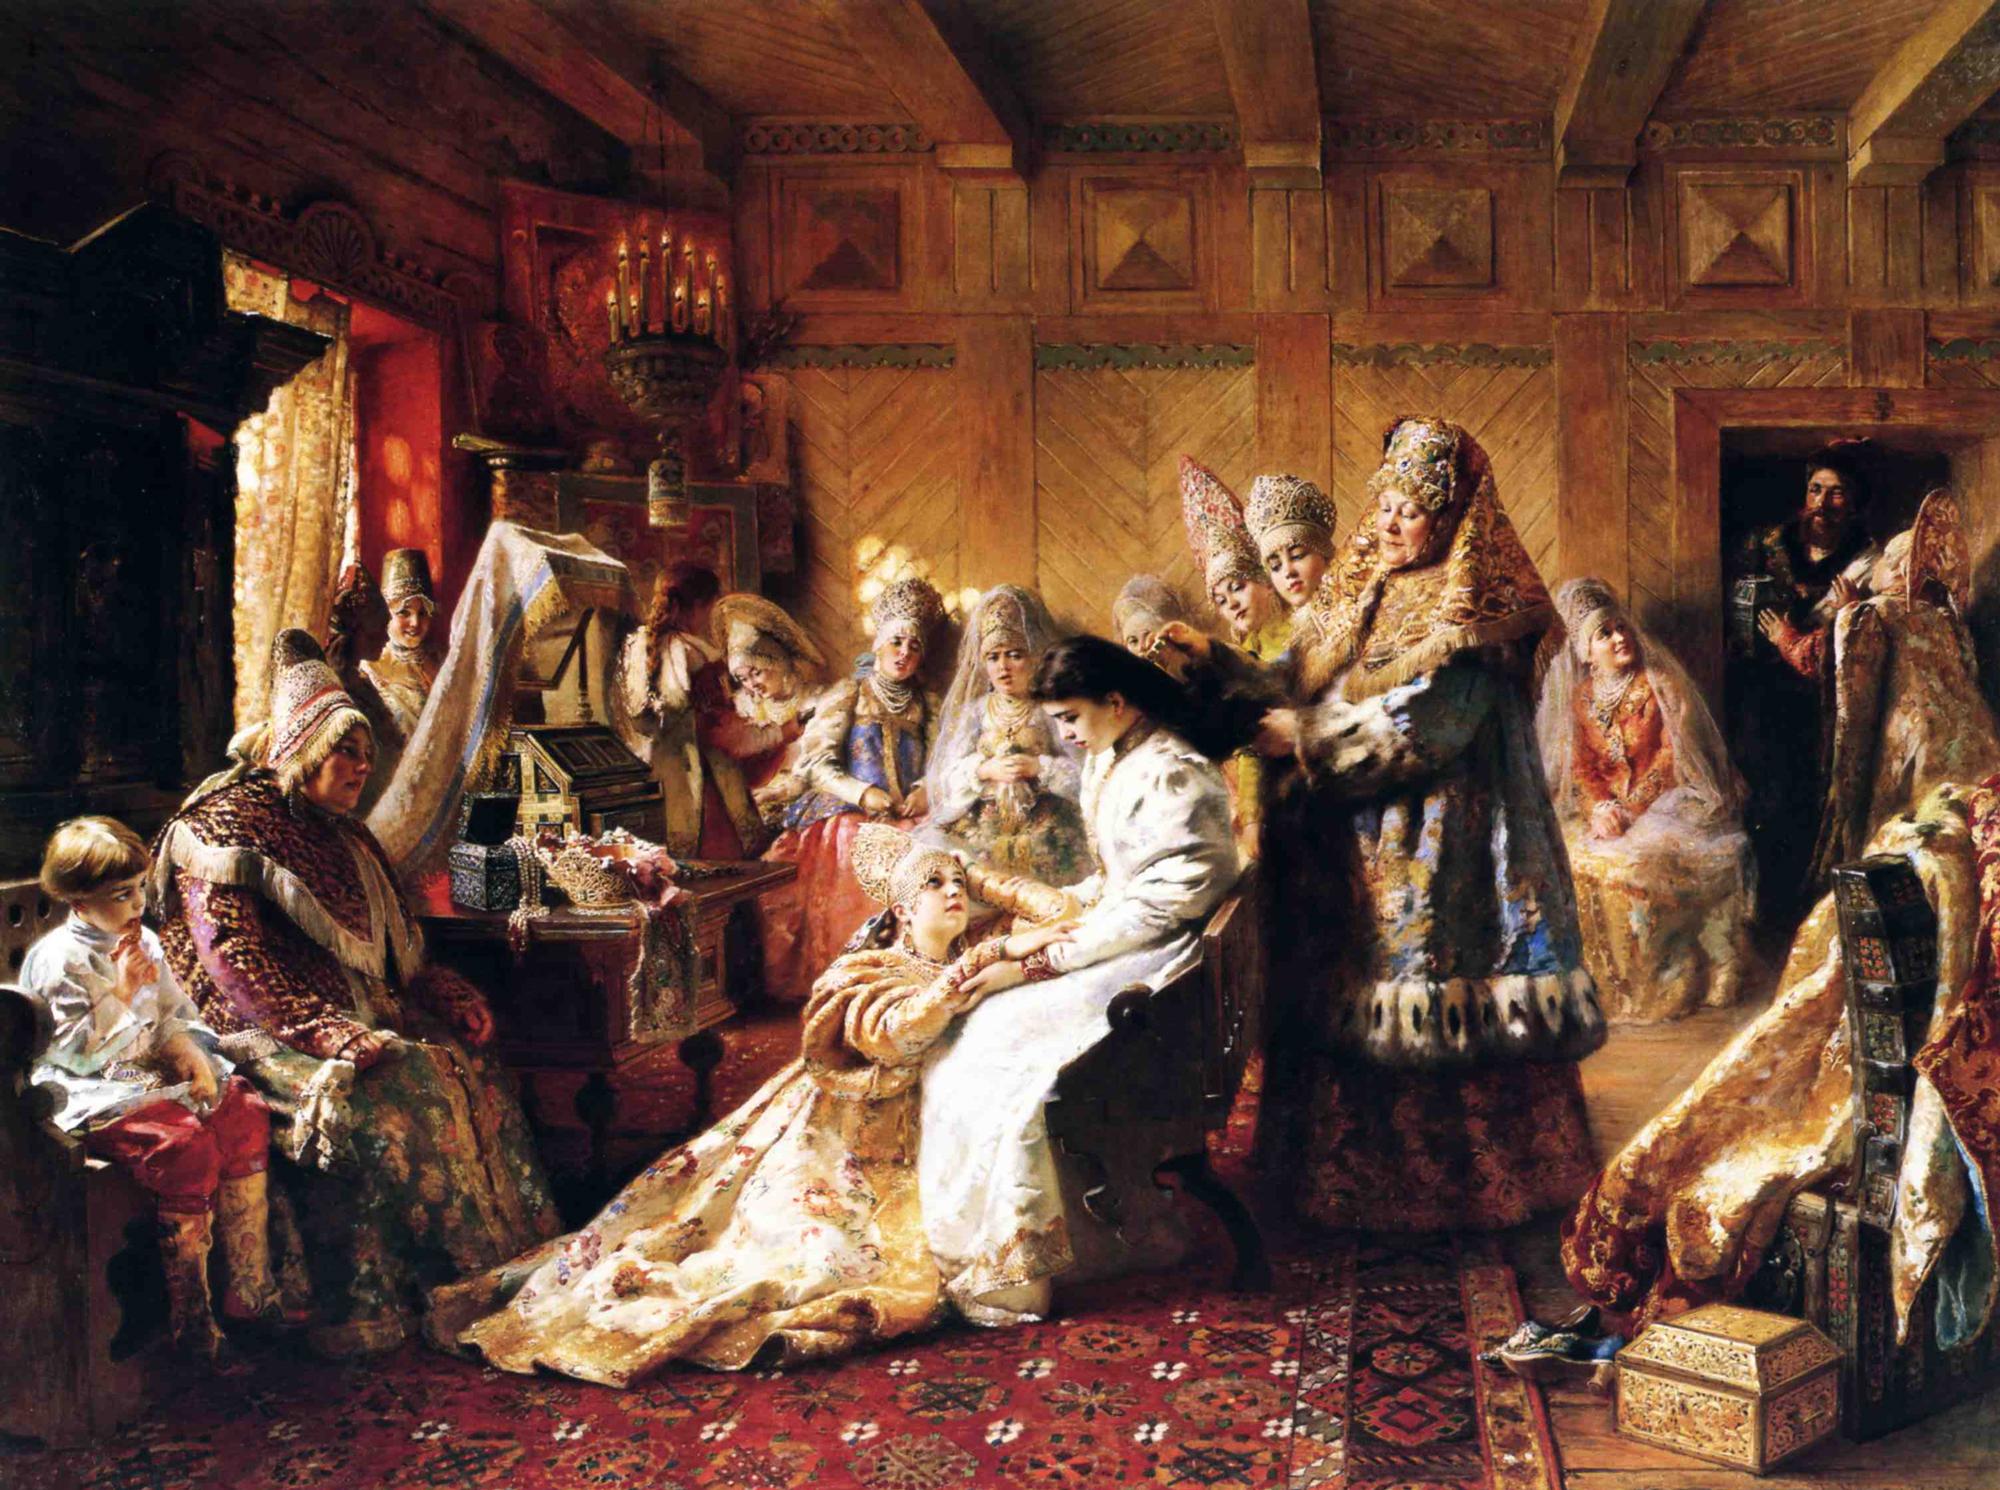 The Russian's Bride Attire , Konstantin Makovsky, 1889.